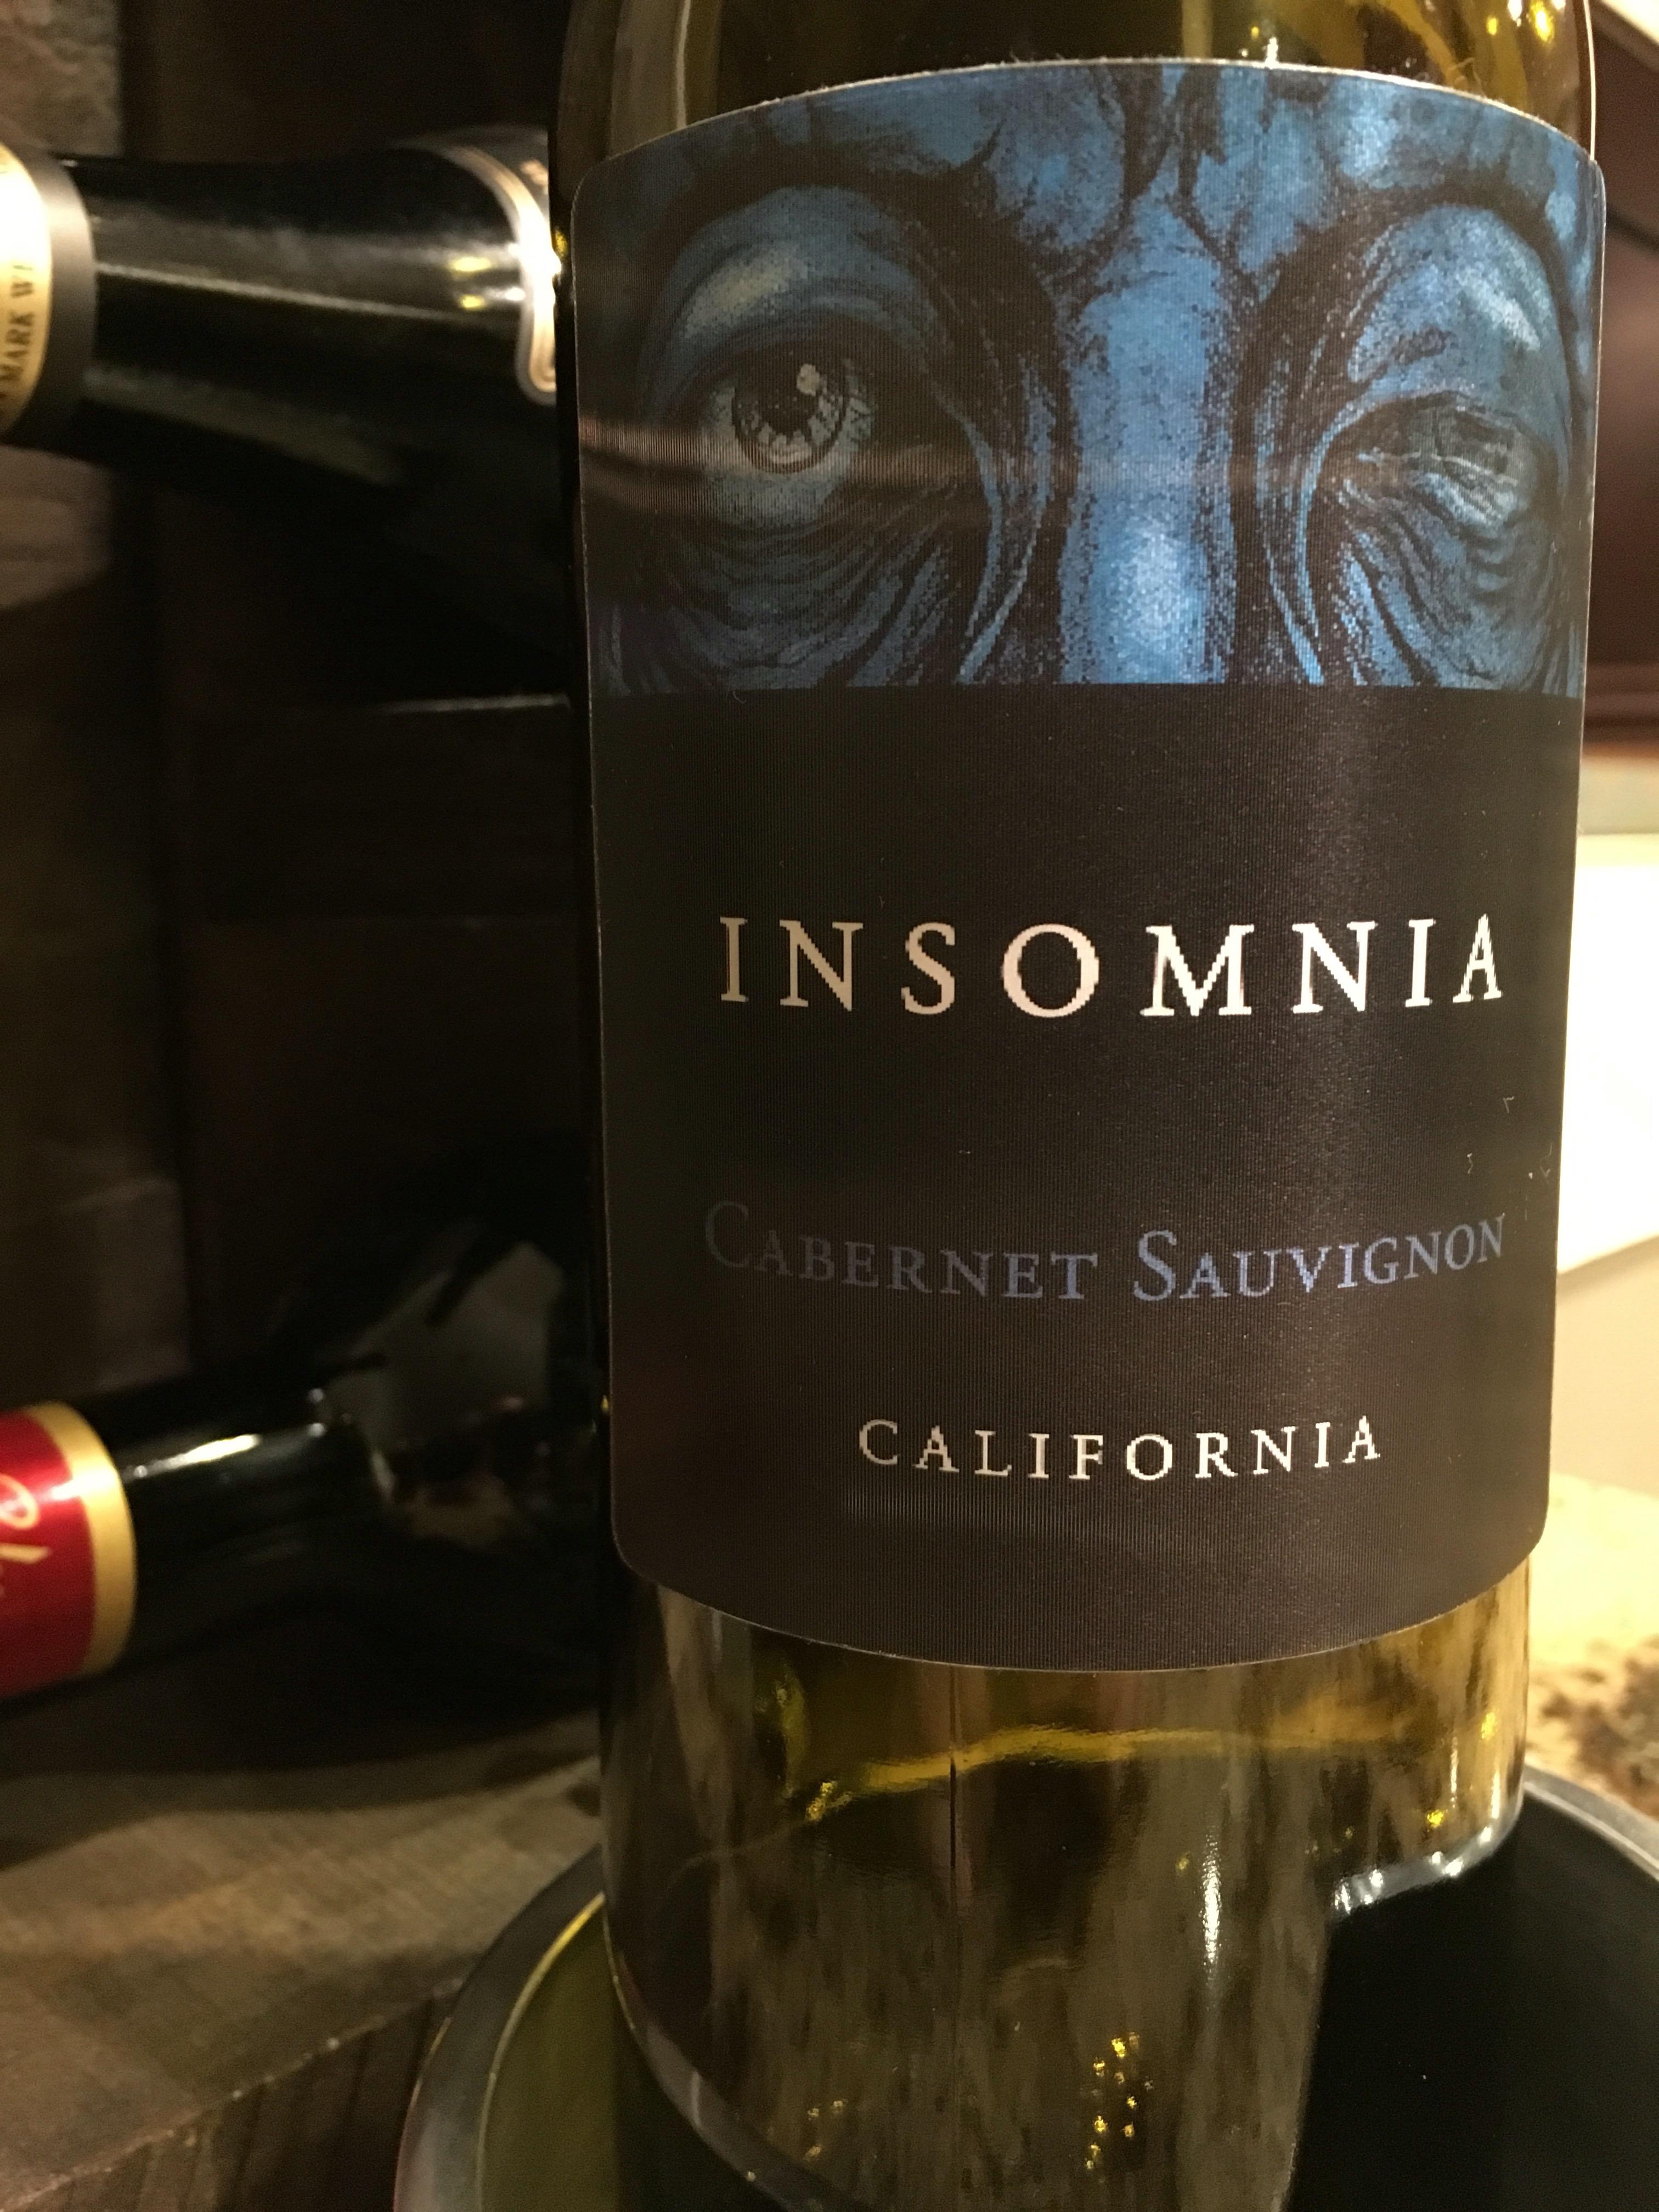 2012 Insomnia Cabernet Sauvignon